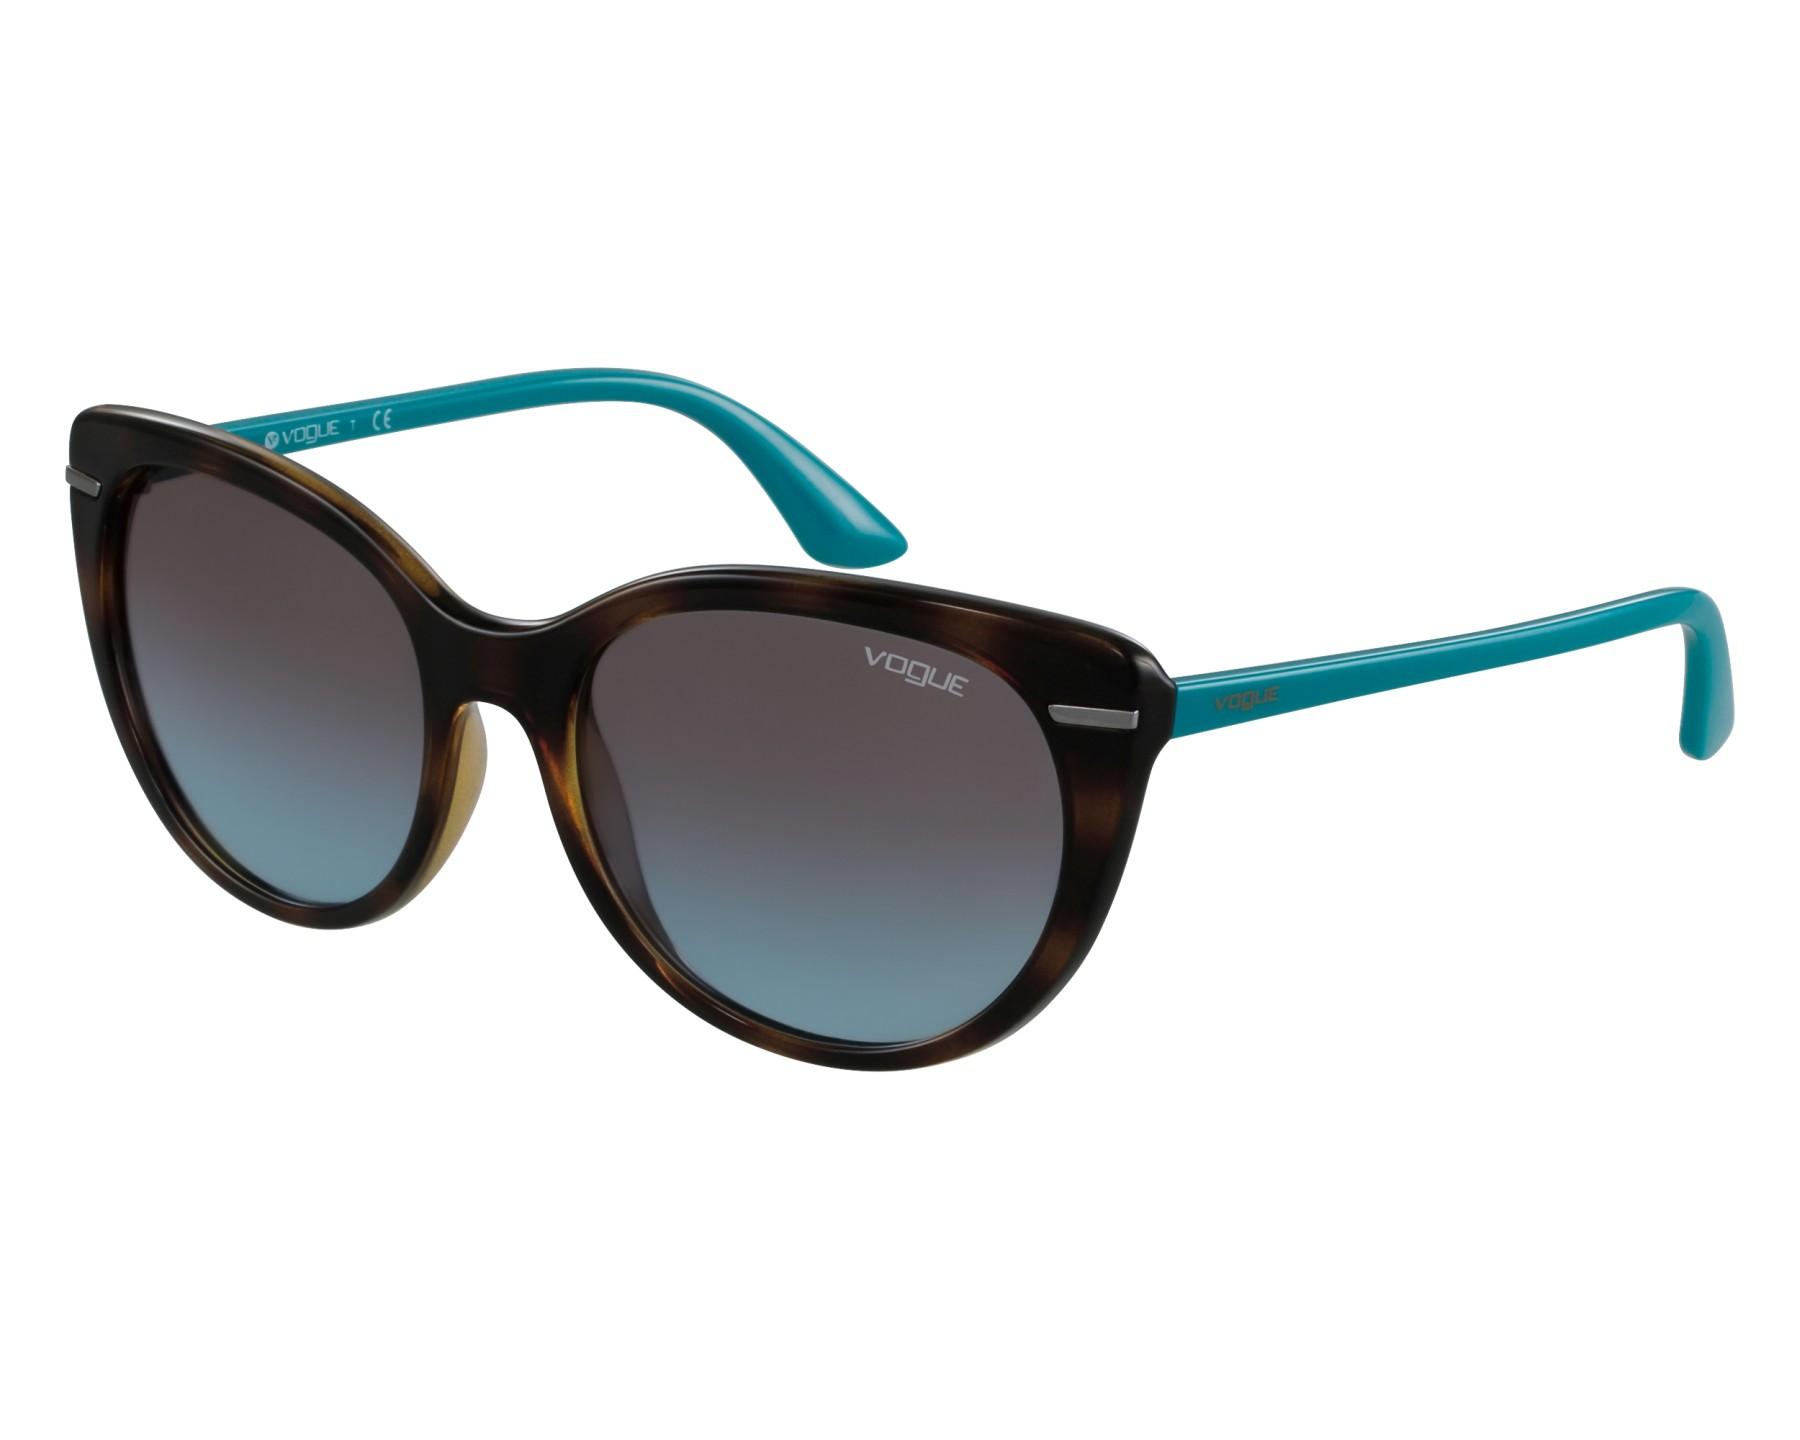 Vogue Sonnenbrille 2941S W65648 (56 mm) havanna Y9wKrkU